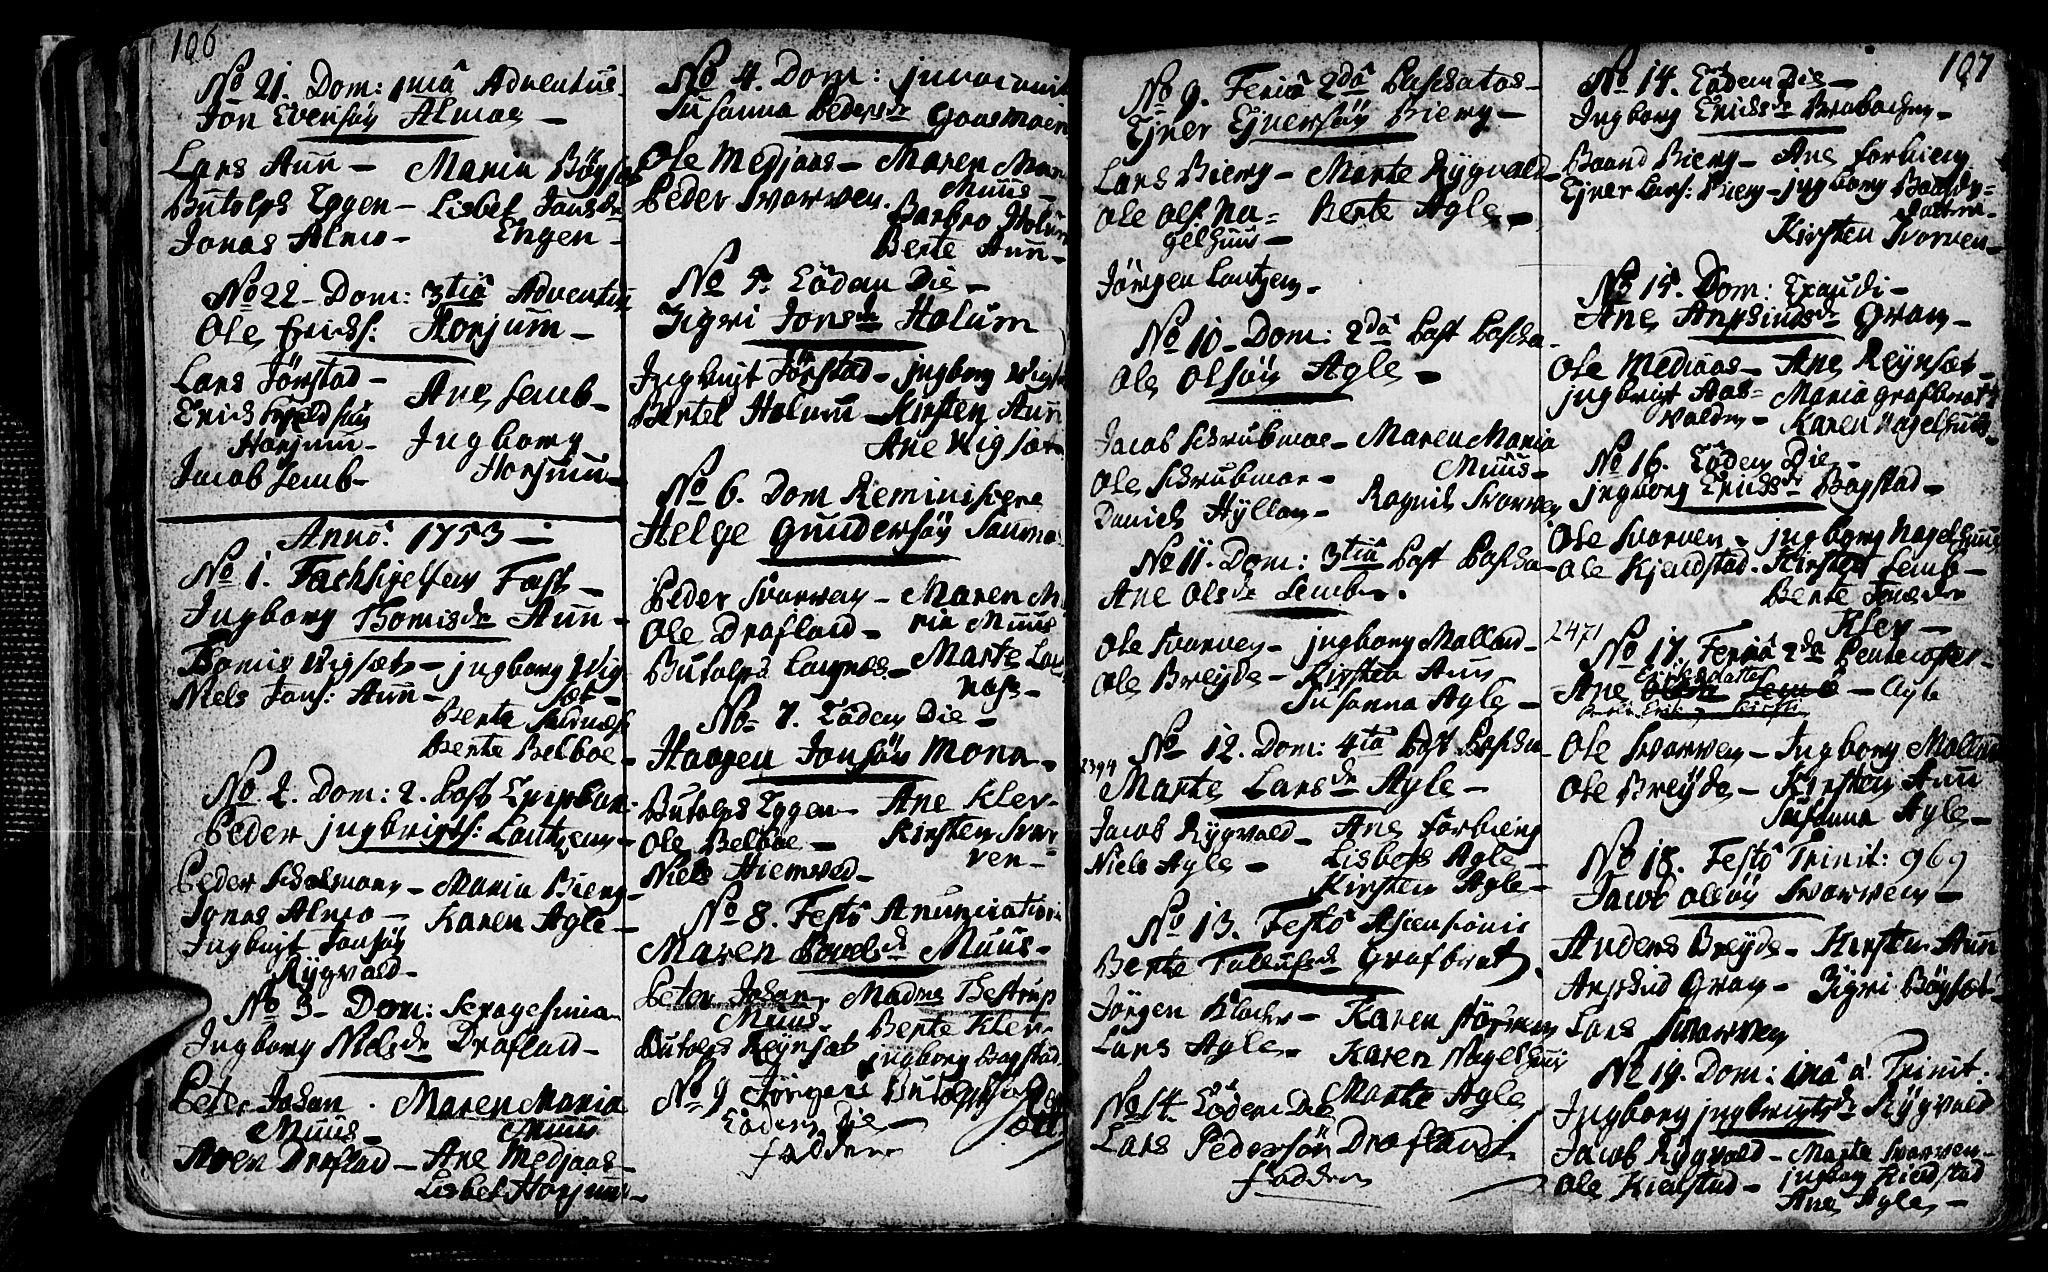 SAT, Ministerialprotokoller, klokkerbøker og fødselsregistre - Nord-Trøndelag, 749/L0467: Ministerialbok nr. 749A01, 1733-1787, s. 106-107